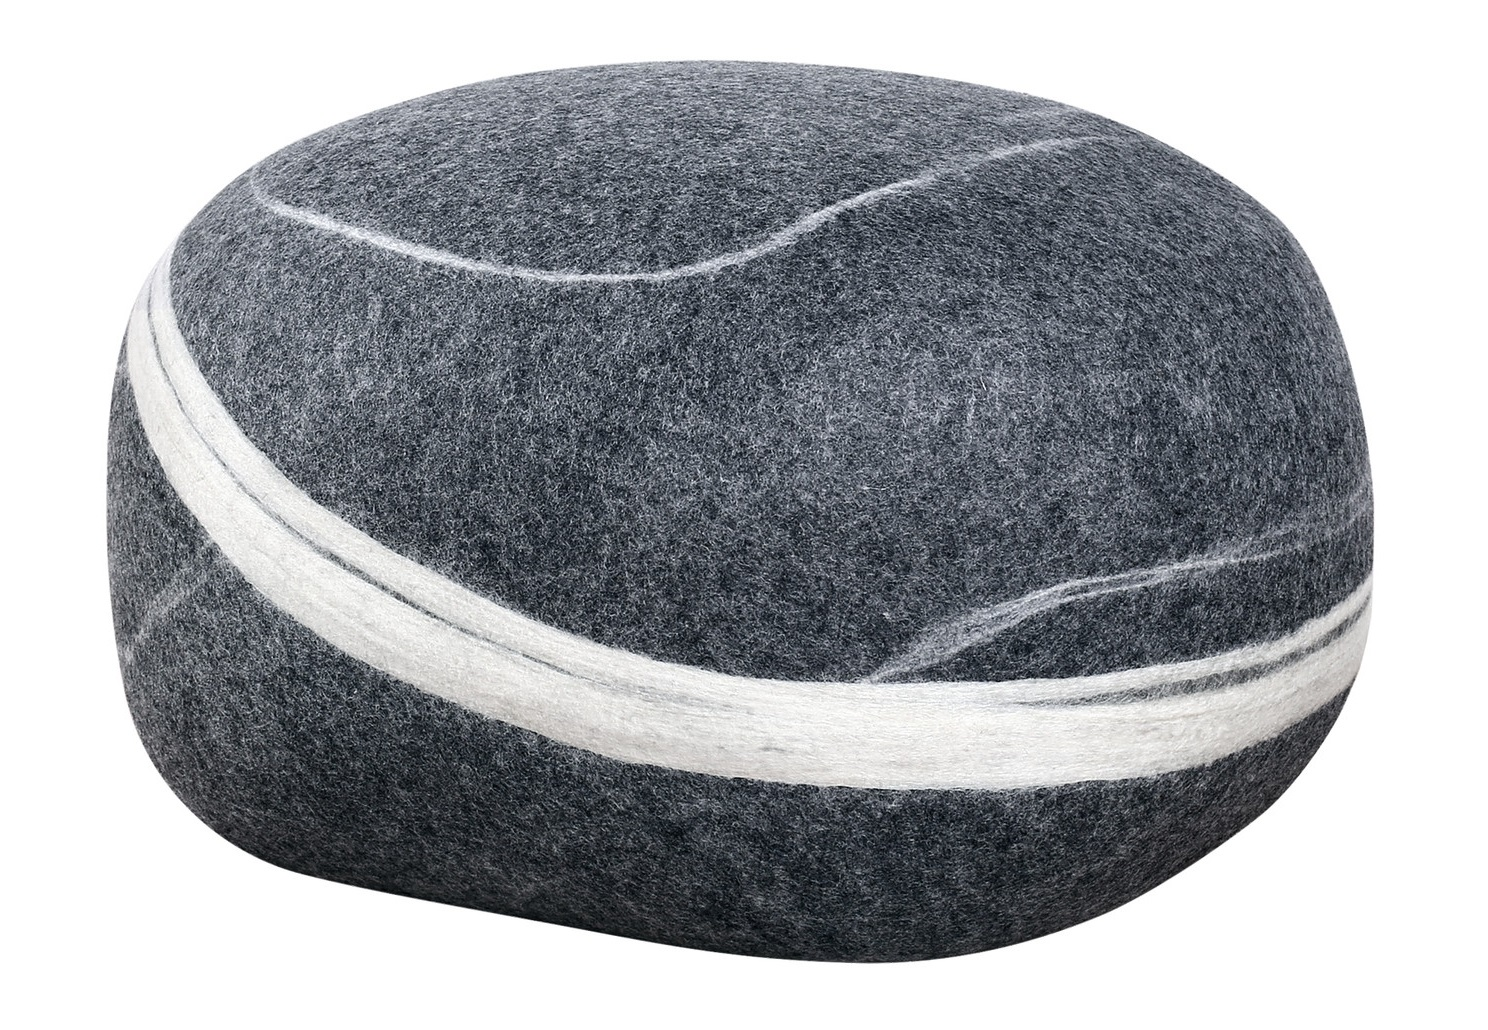 ПуфФорменные пуфы<br>&amp;lt;div&amp;gt;Пуф-камень — &amp;amp;nbsp;это образец природного минимализма в декоре. Плавные формы отсылают нас к живописным японским каменным садам, где &amp;amp;nbsp;вода в течение многих веков стачивала все лишнее. Изготовленный вручную, он сочетает в себе функциональность и декоративность и гармонично вписывается в стили «хай-тек» и «модерн».&amp;amp;nbsp;&amp;lt;/div&amp;gt;&amp;lt;div&amp;gt;&amp;lt;br&amp;gt;&amp;lt;/div&amp;gt;&amp;lt;div&amp;gt;Изготовлено по особой технологии прессования из 100% шерсти мериноса.&amp;lt;/div&amp;gt;<br><br>Material: Шерсть<br>Ширина см: 54<br>Высота см: 39<br>Глубина см: 63